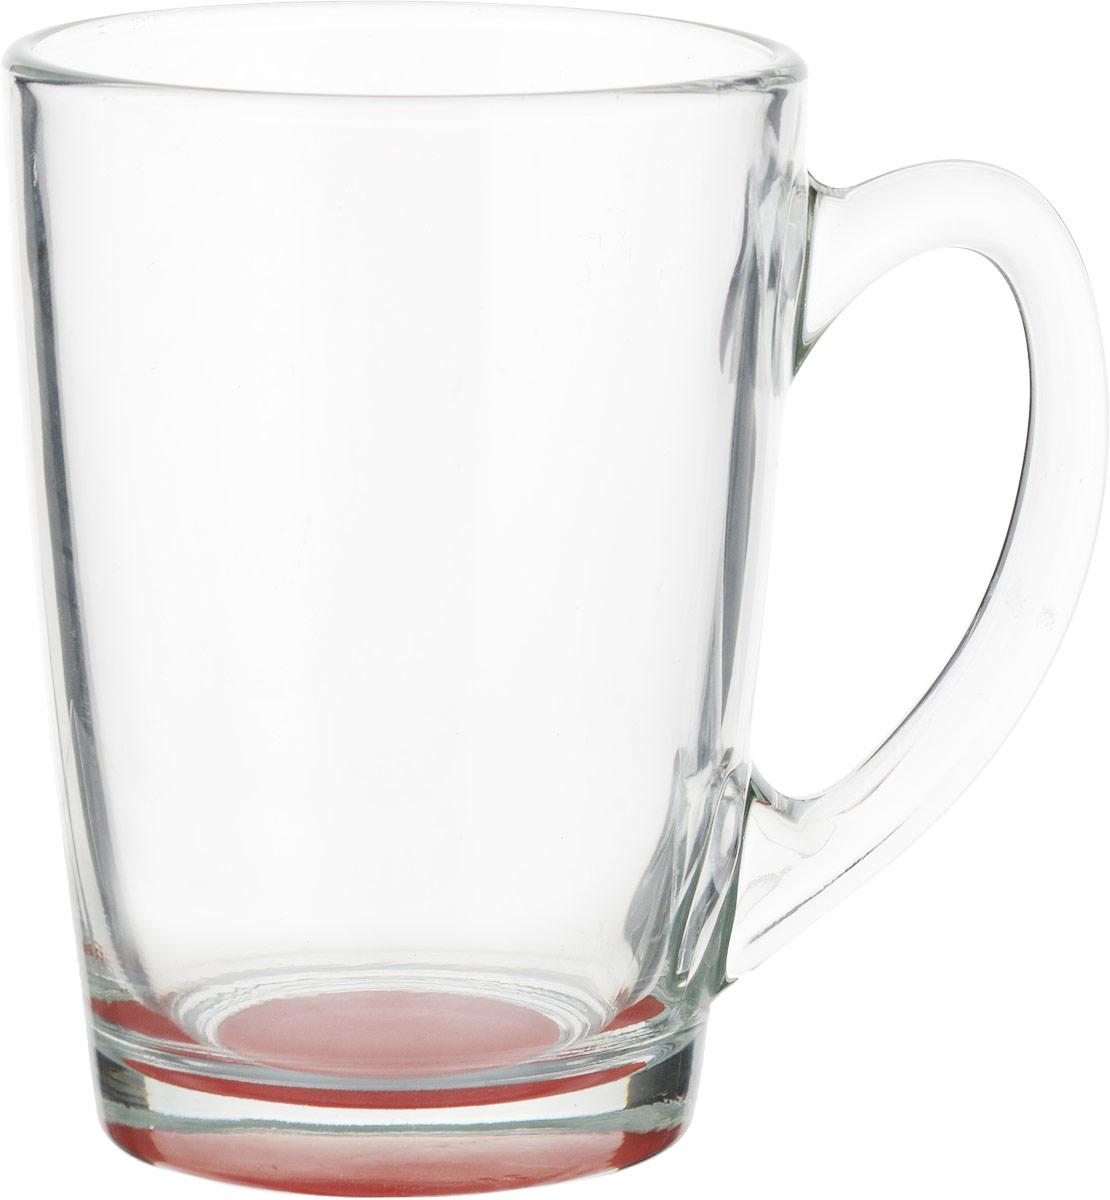 """Кружка Luminarc """"Morning Rainbow"""" изготовлена из упрочненного стекла. Такая кружка прекрасно подойдет для горячих и холодных напитков. Она дополнит коллекцию вашей кухонной посуды и будет служить долгие годы. Диаметр кружки (по верхнему краю): 8 см. Высота стенки кружки: 11 см.Бренд Luminarc - это один из лидеров мирового рынка по производству посуды и товаров для дома. В основе процесса изготовления лежит высококачественное сырье, а также строгий контроль качества."""